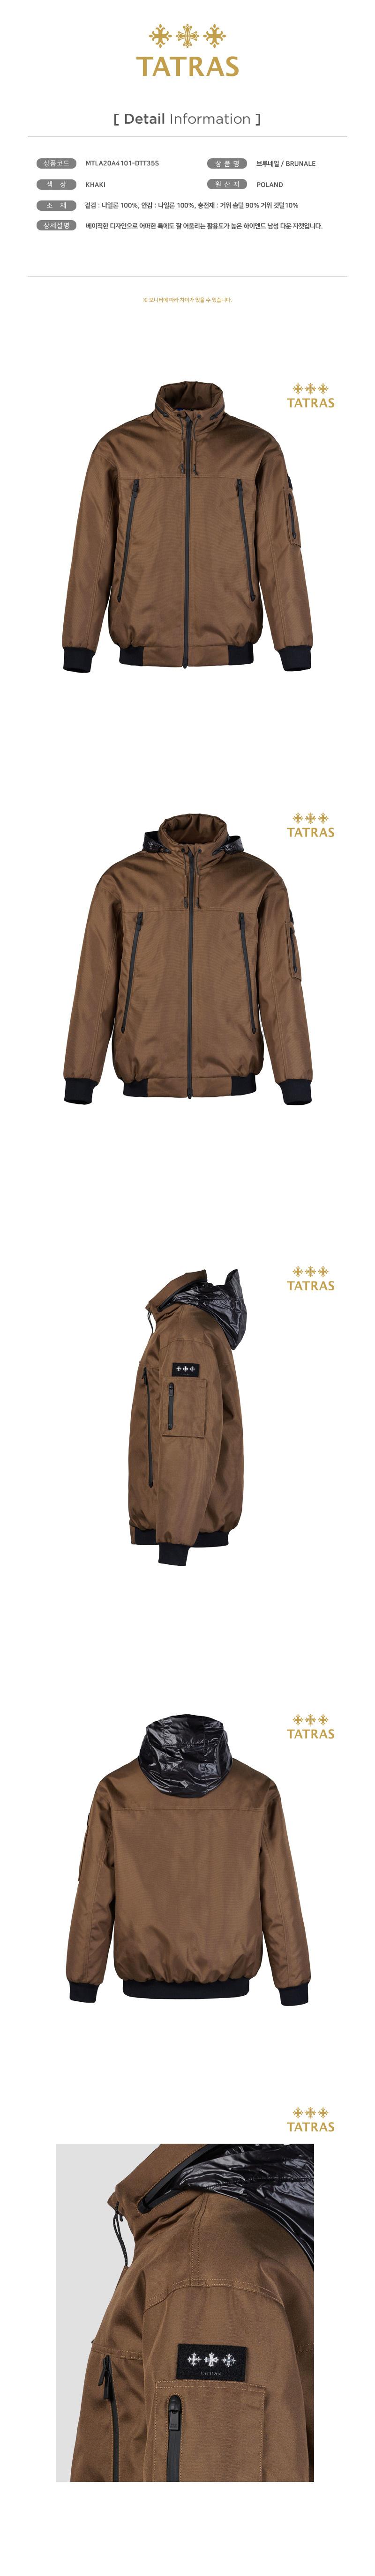 타트라스(TATRAS) 남성 다운자켓 브루네일 BRUNALE(MTLA20A4101-DTT35S)